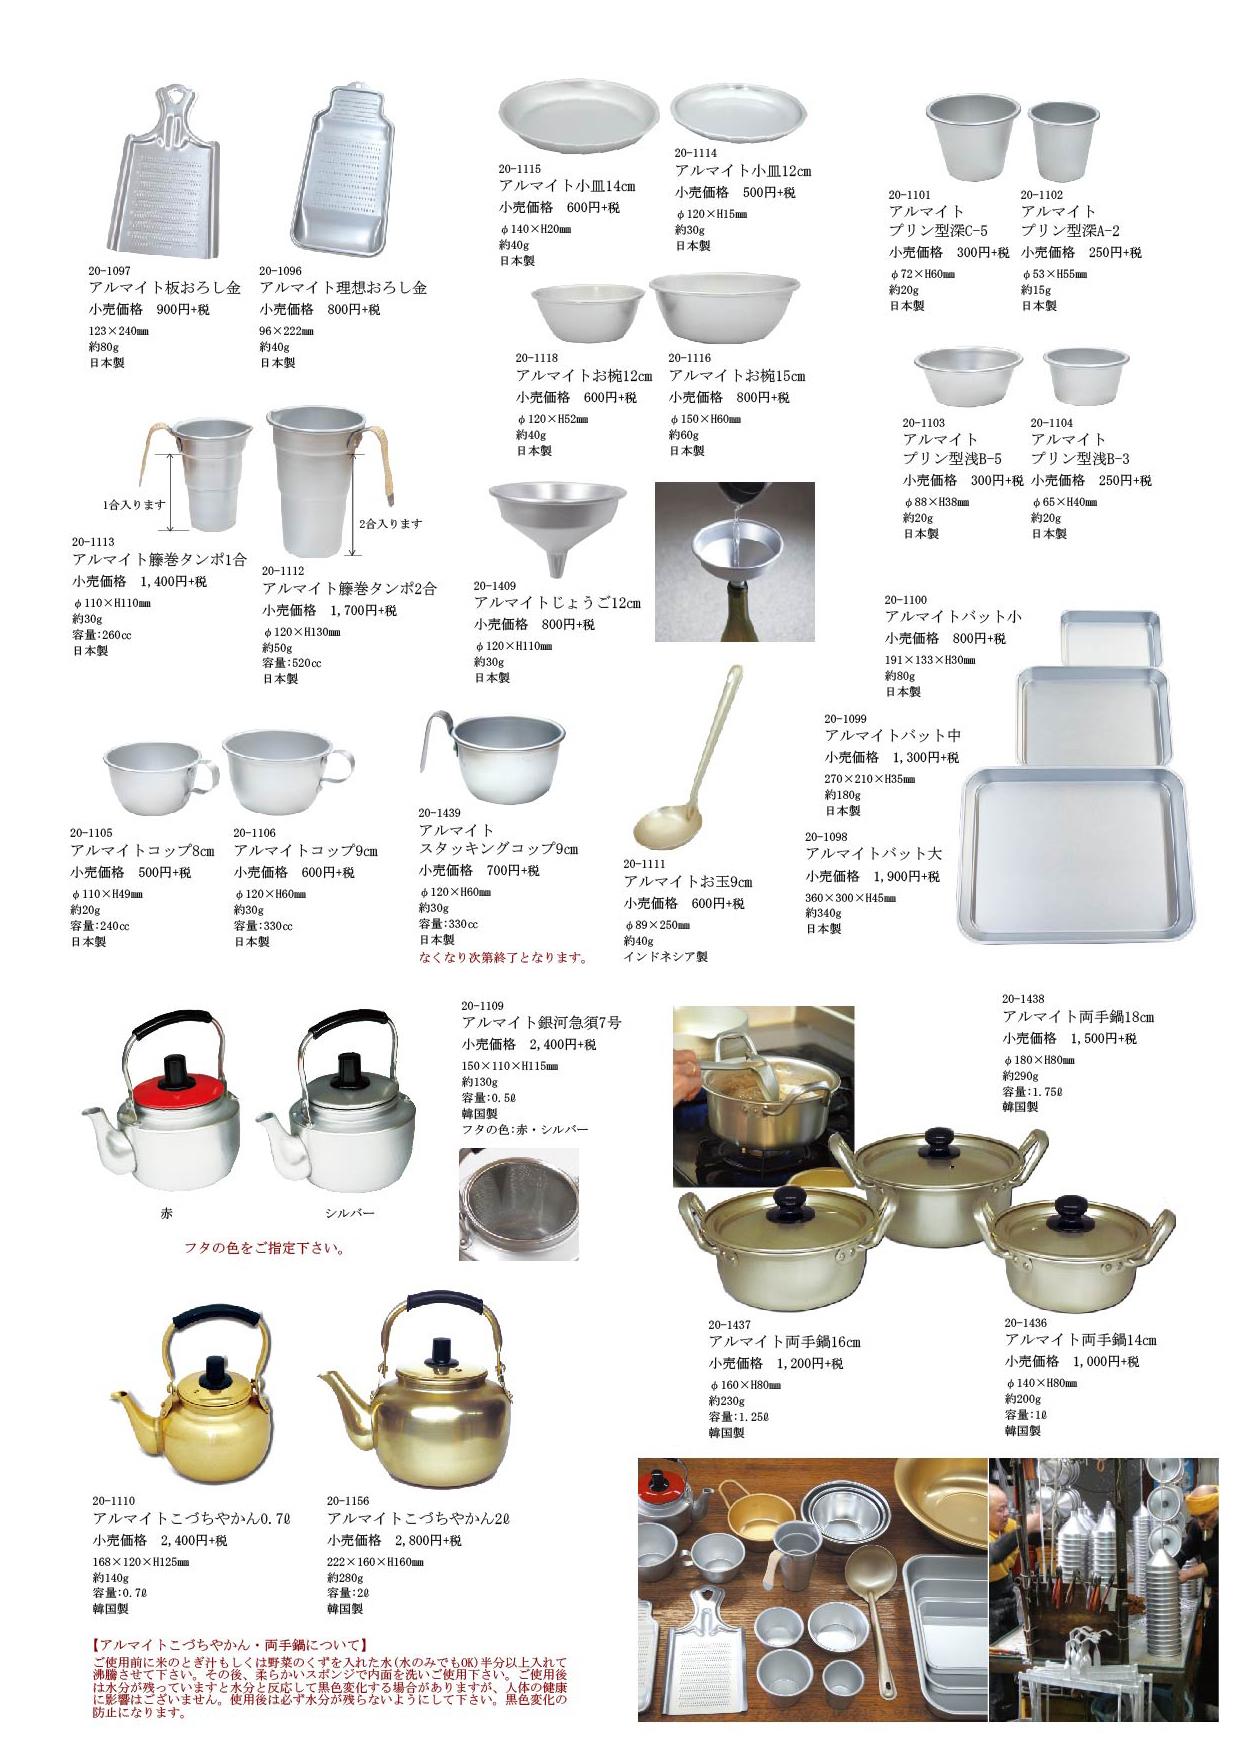 台所用品①-アルマイト製品-